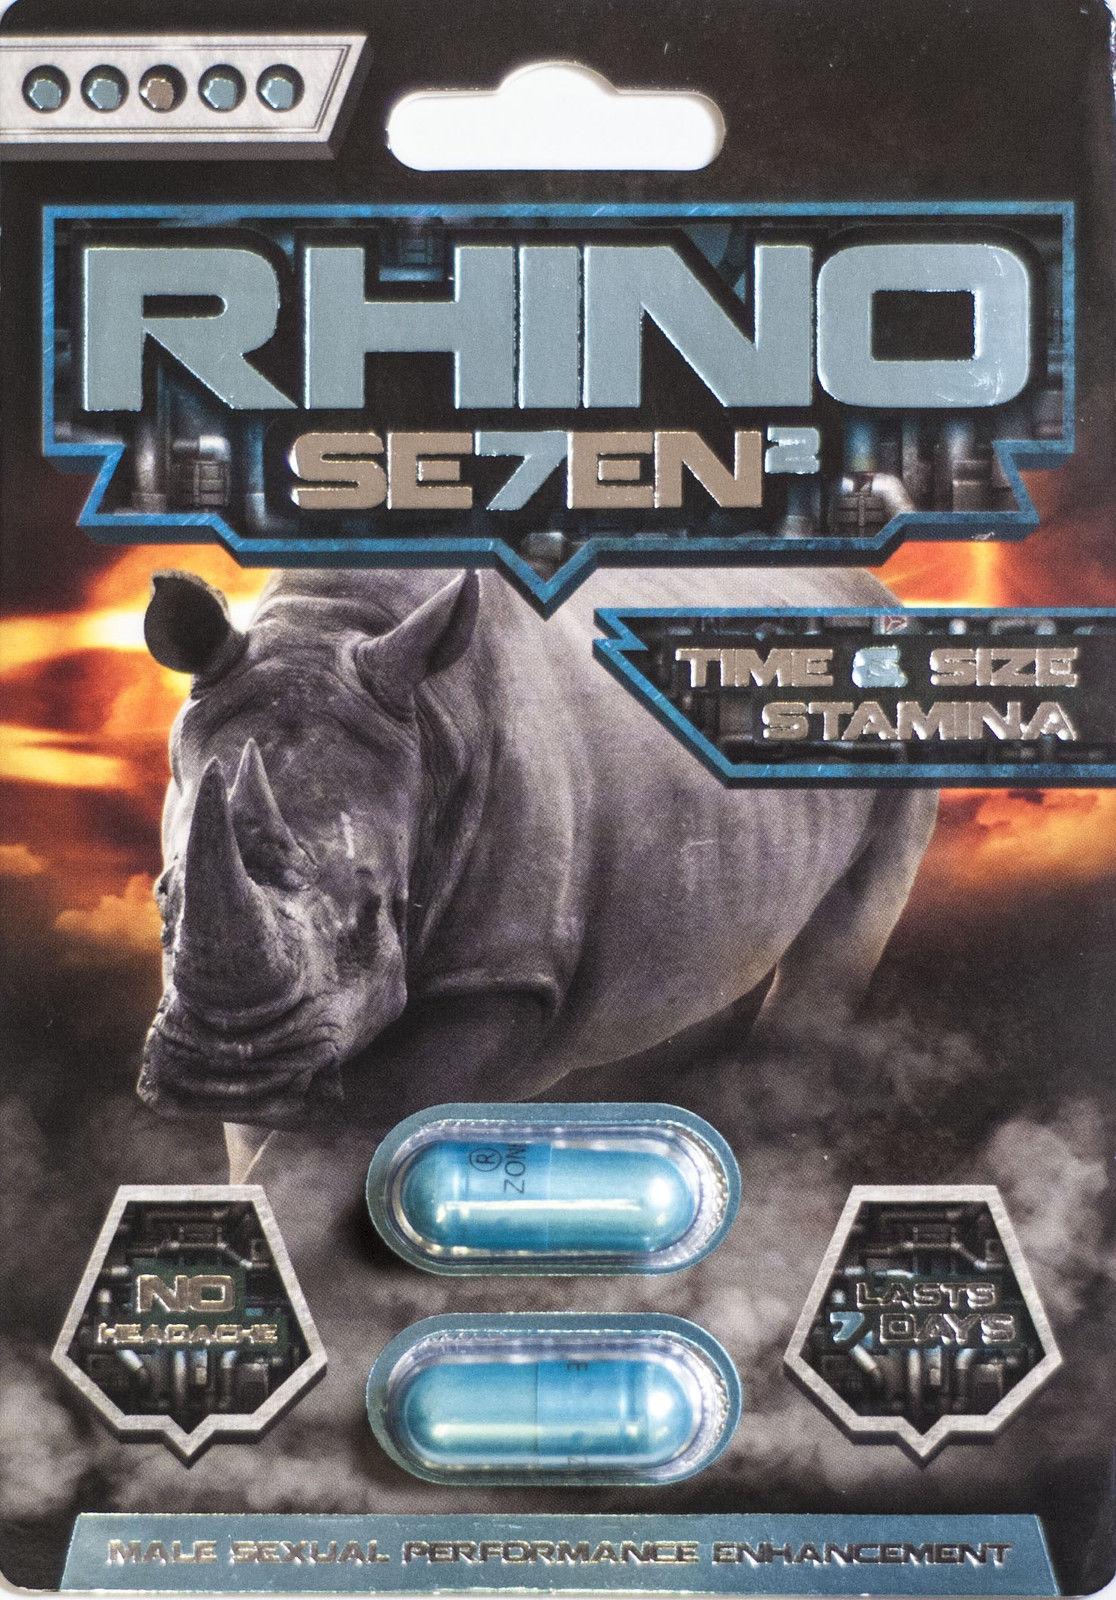 Rhino 7 Platinum 3000 Male Sexual Performance Enhancer ...